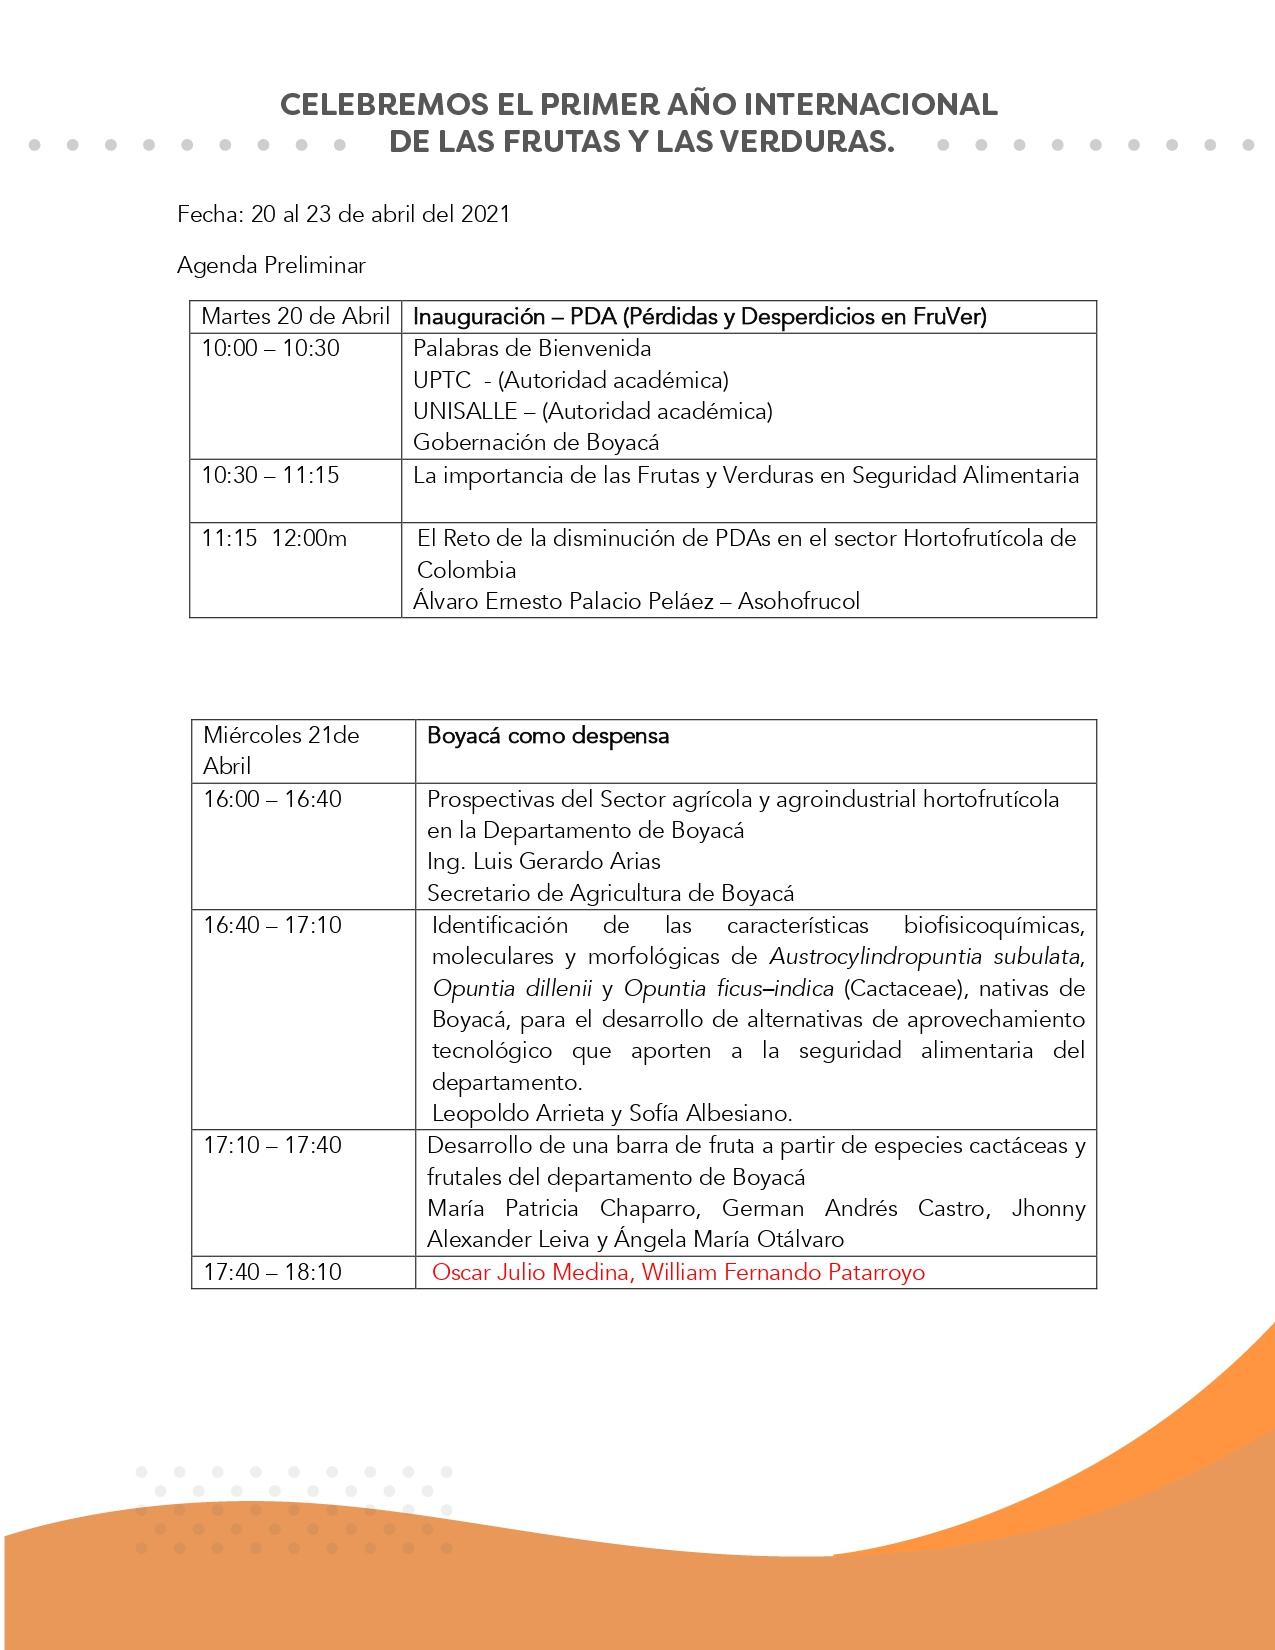 Agenda-Preliminar-V2-1-page-0002